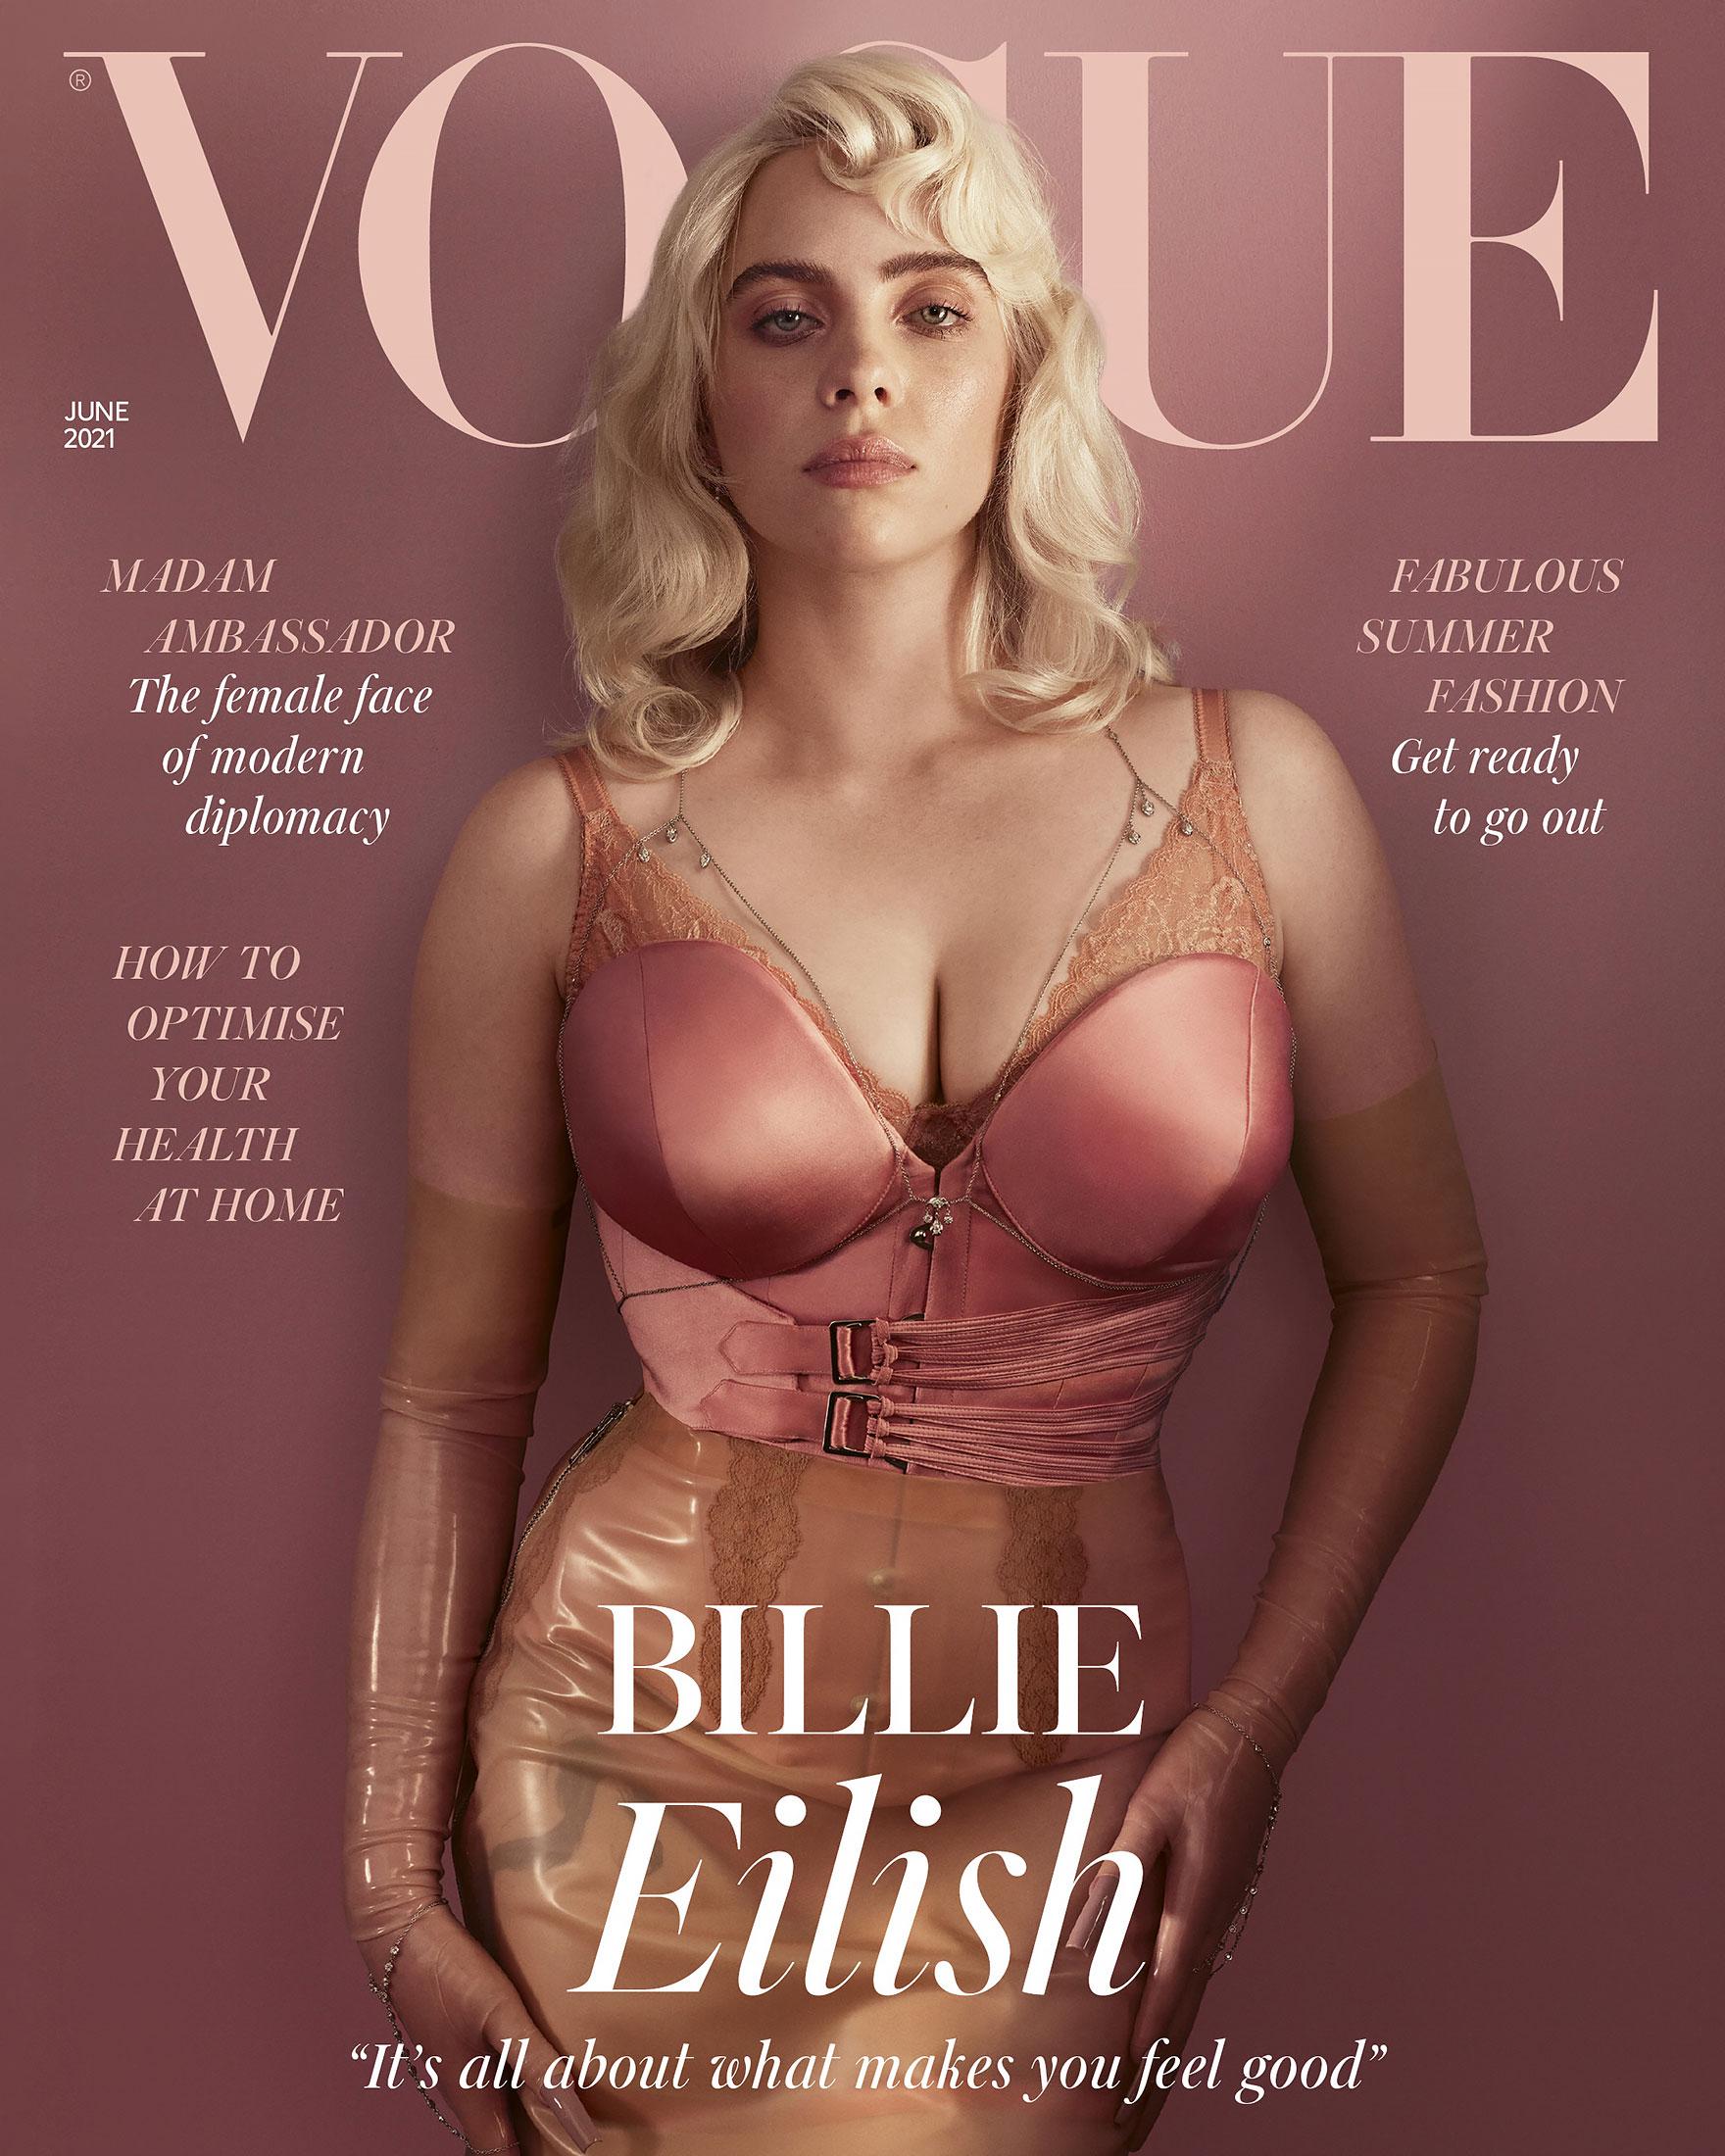 Billie Eilish Wears $81,775 Worth of Diamonds on British 'Vogue' Cover